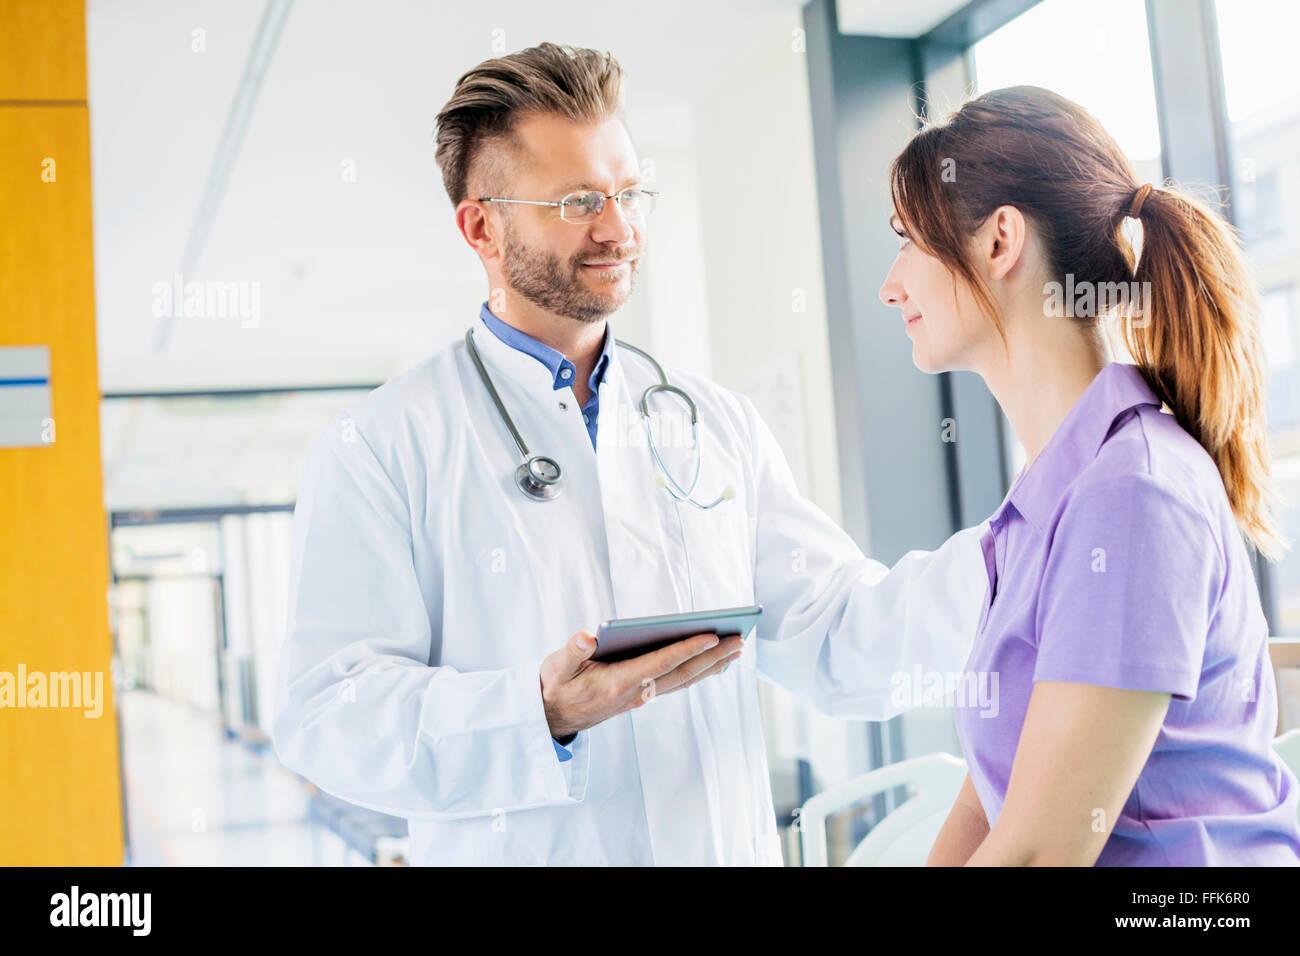 Doctor tocando compañero en el hombro Imagen De Stock